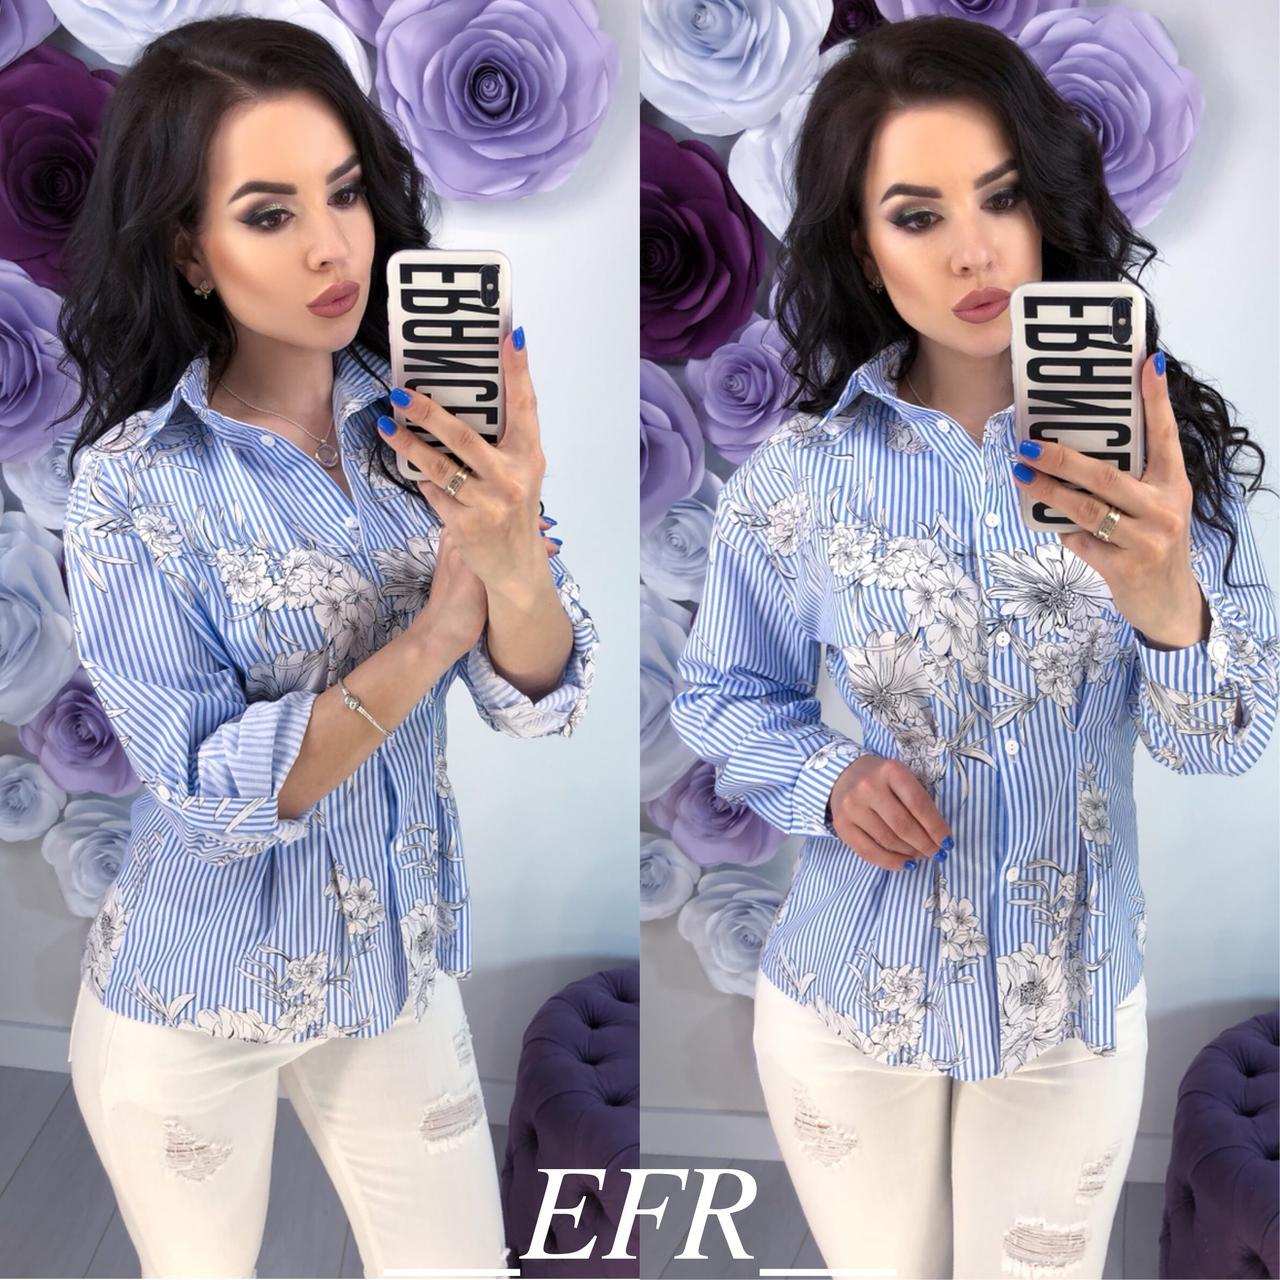 ae035c9c224 Женская рубашка. Голубая полоска + цветы